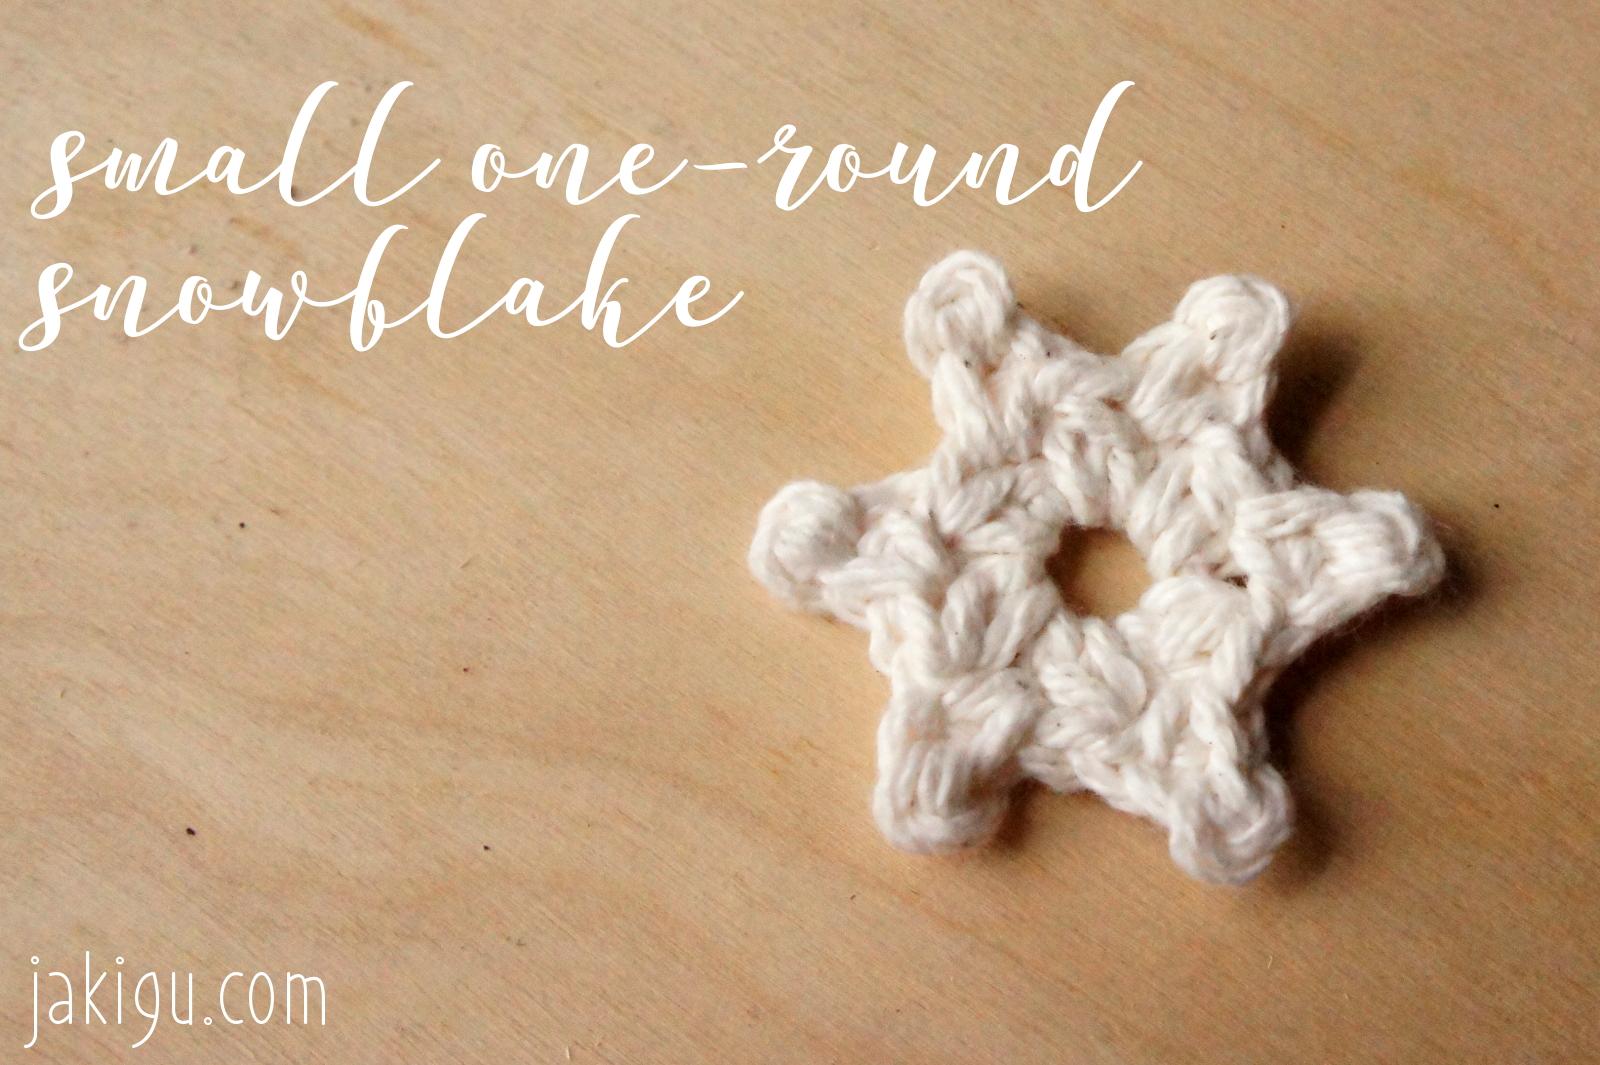 Free Crochet Pattern Small One Round Snowflake Jakigu